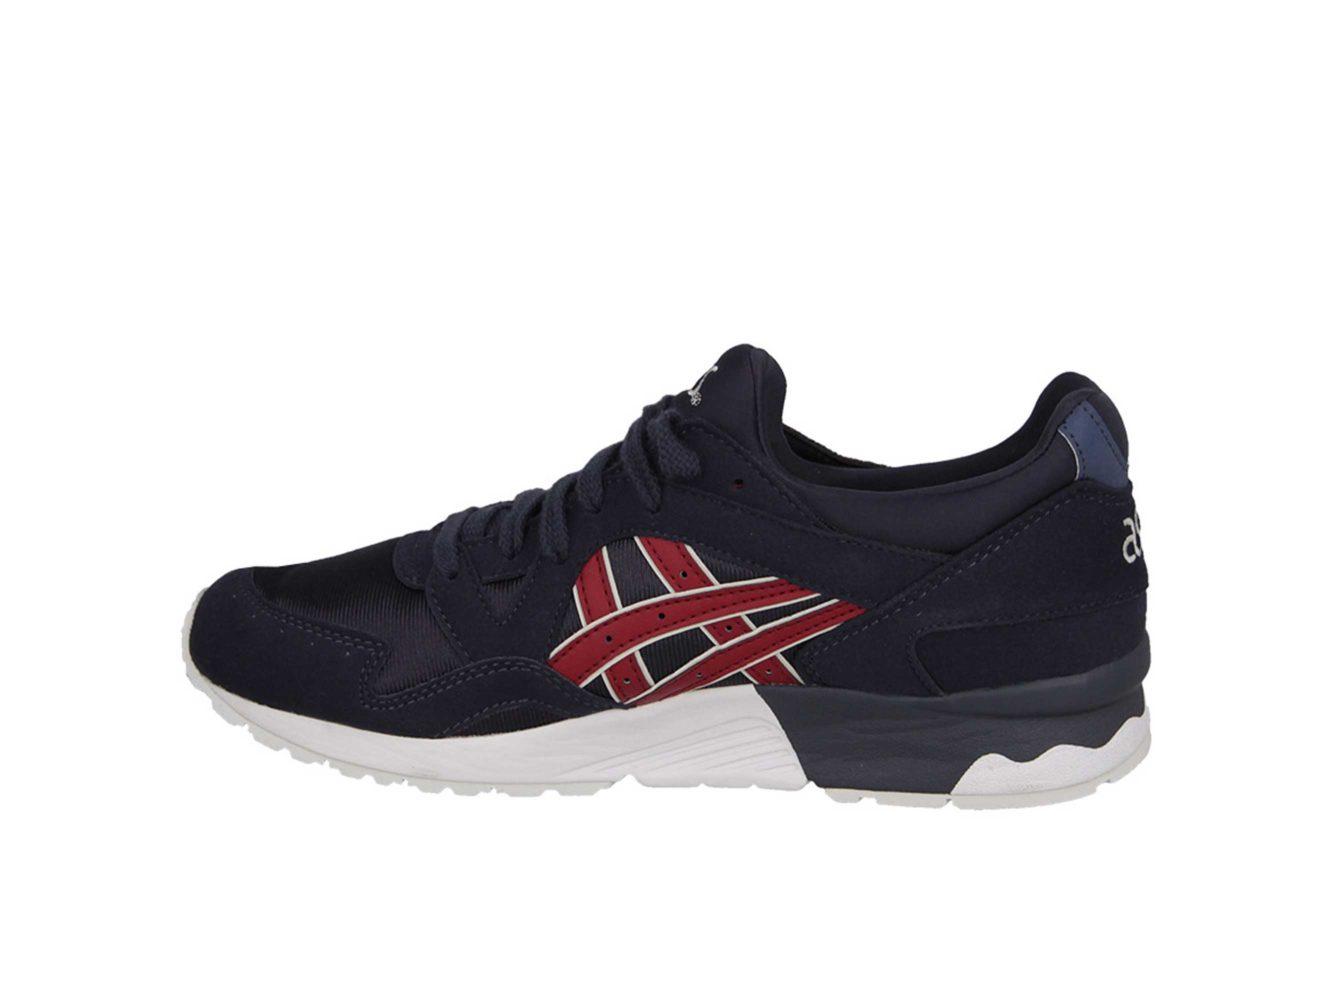 Интернет магазин купить оригинальные кроссовки ASICS GEL-LYTE V C541N-5026